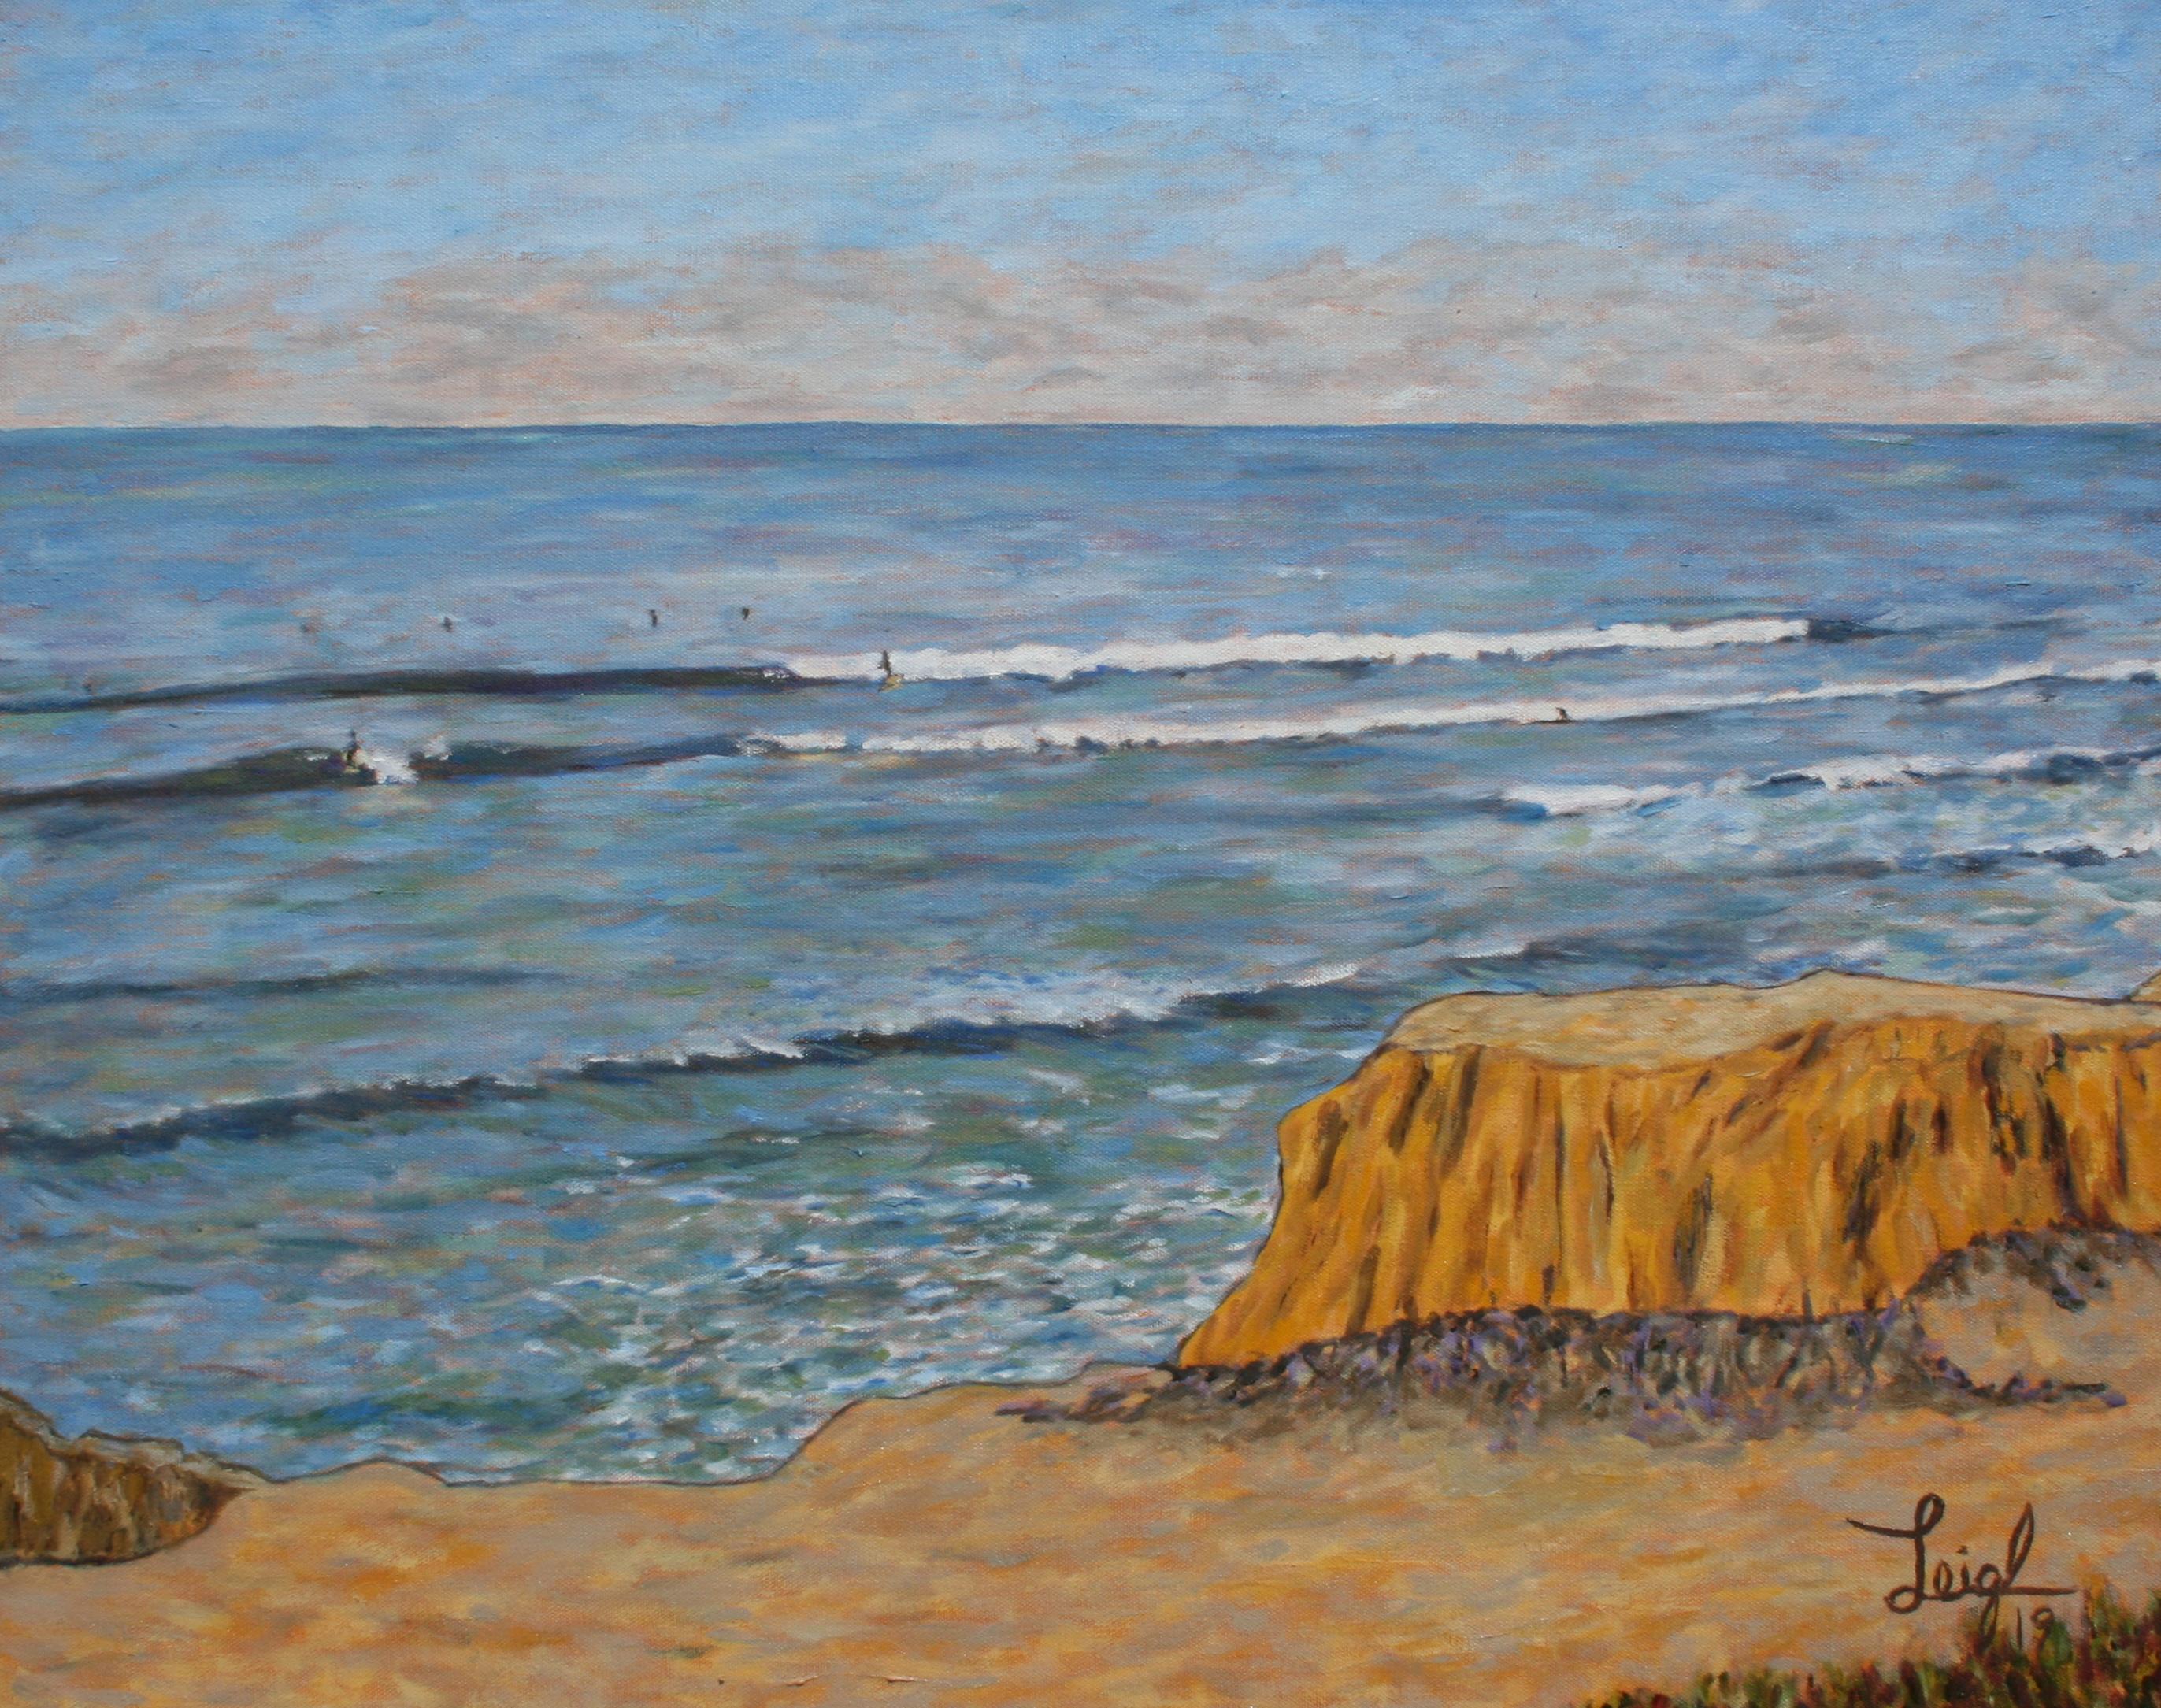 Surfs Up at Terramar #2  ~  Rick Bishop, Denver, CO 2019  •  30 x 24